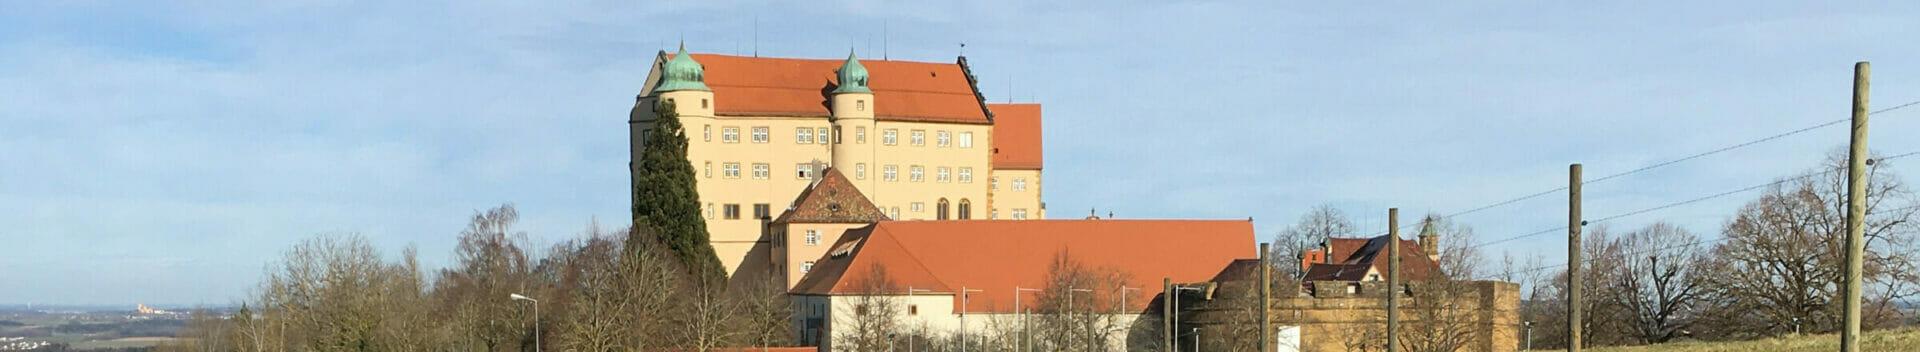 Schloss Kapfenburg - Hohenlohe-Ostalb-Radweg